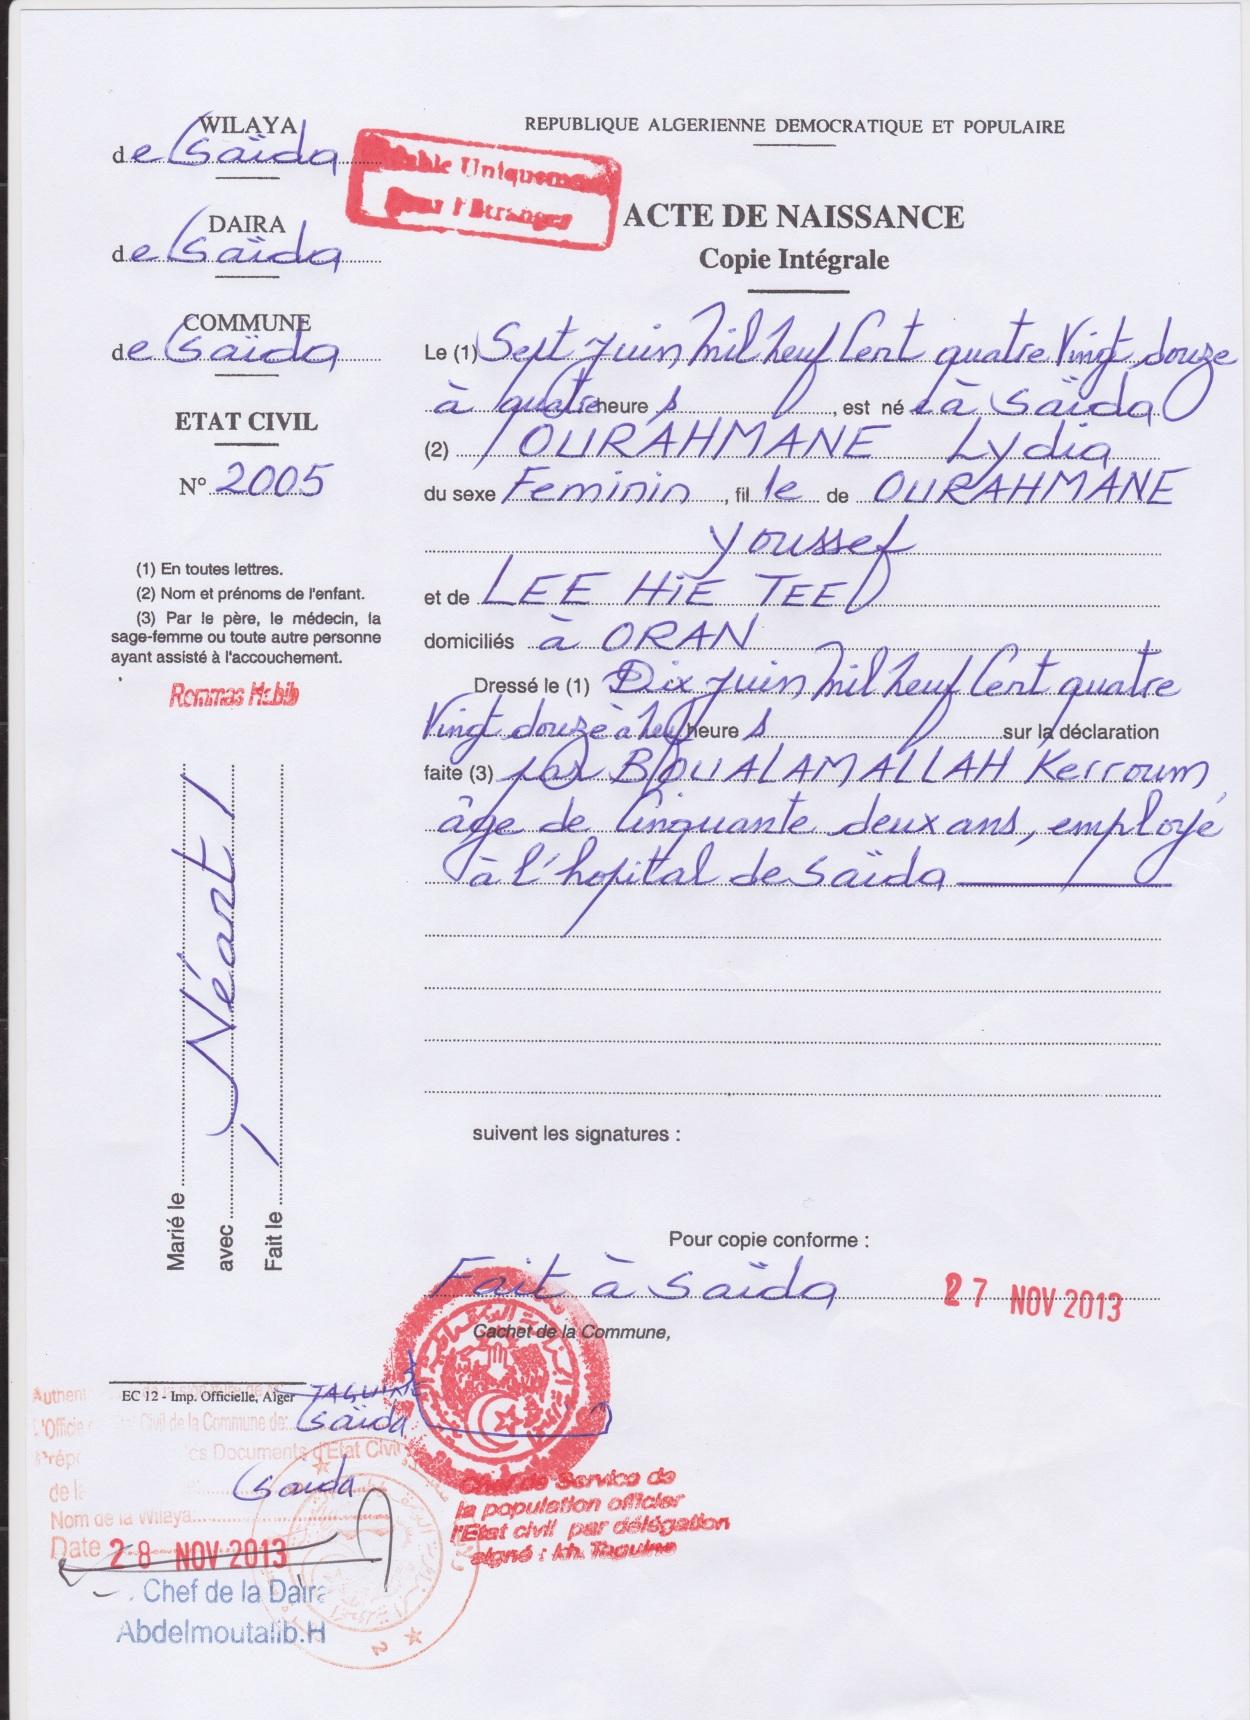 Droit Du Sang (Blood Right) - lydiaourahmane com - Personal